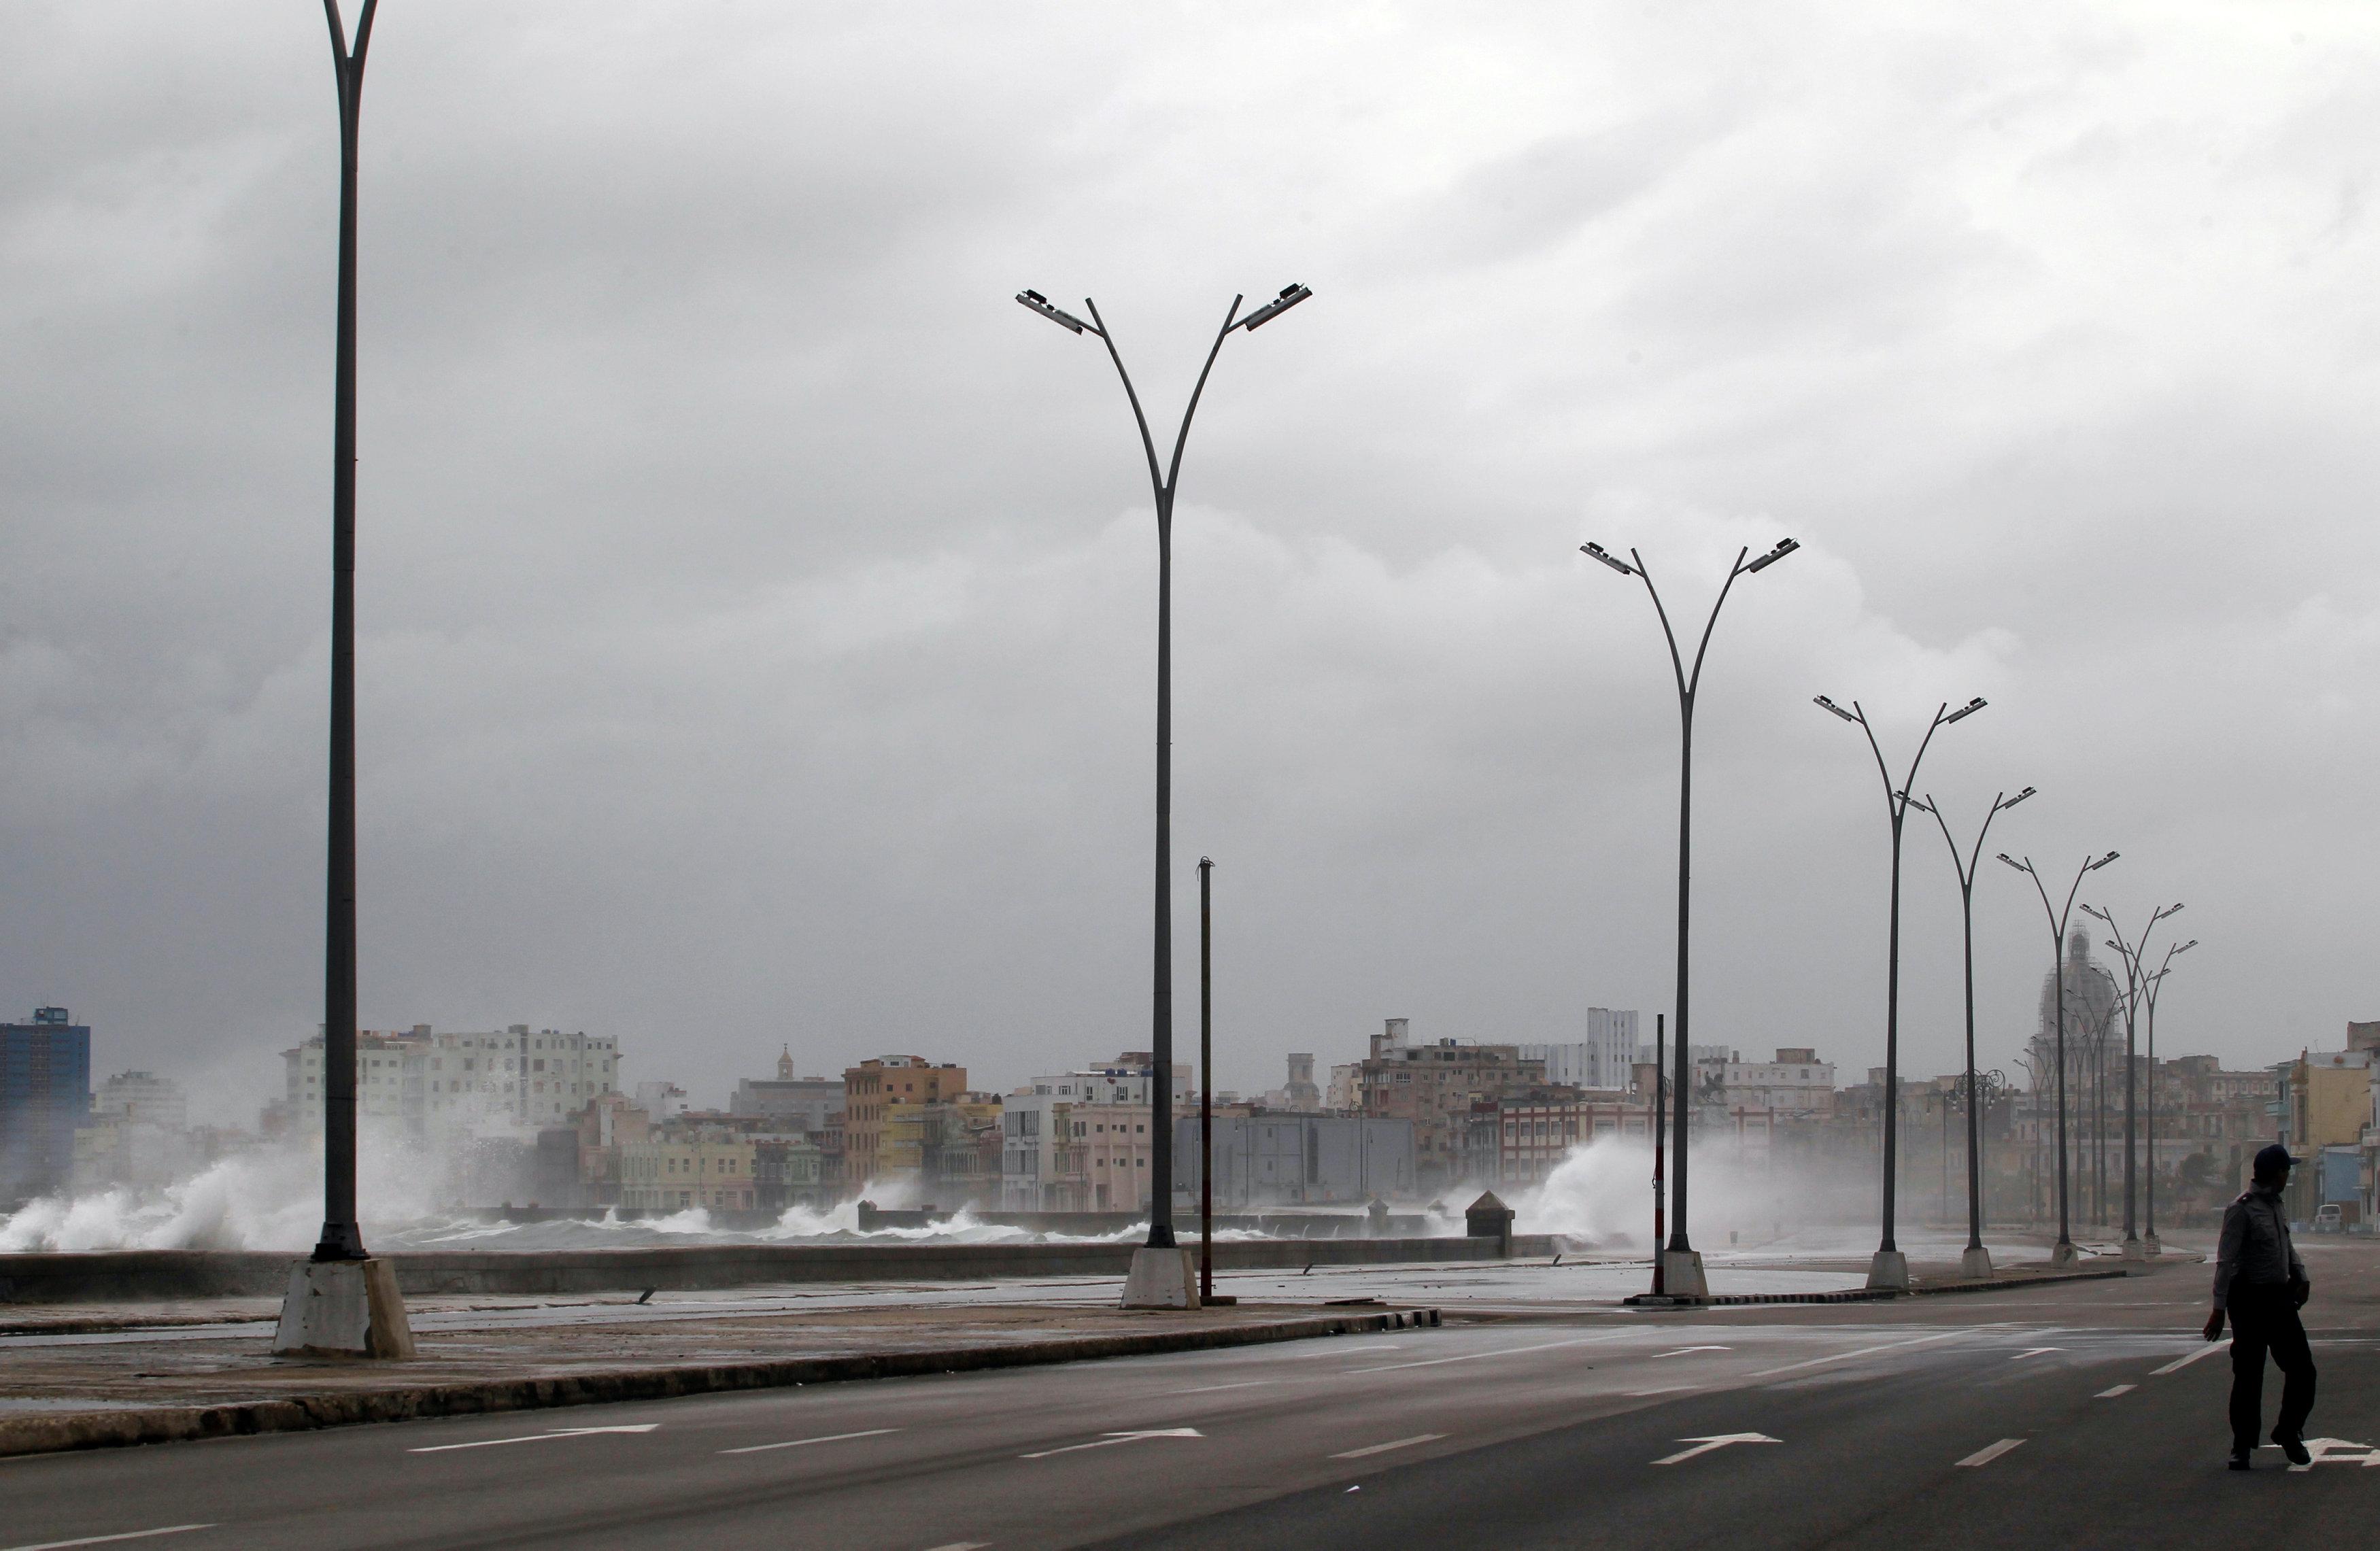 صور من كوبا قبيل مرور إعصار إرما